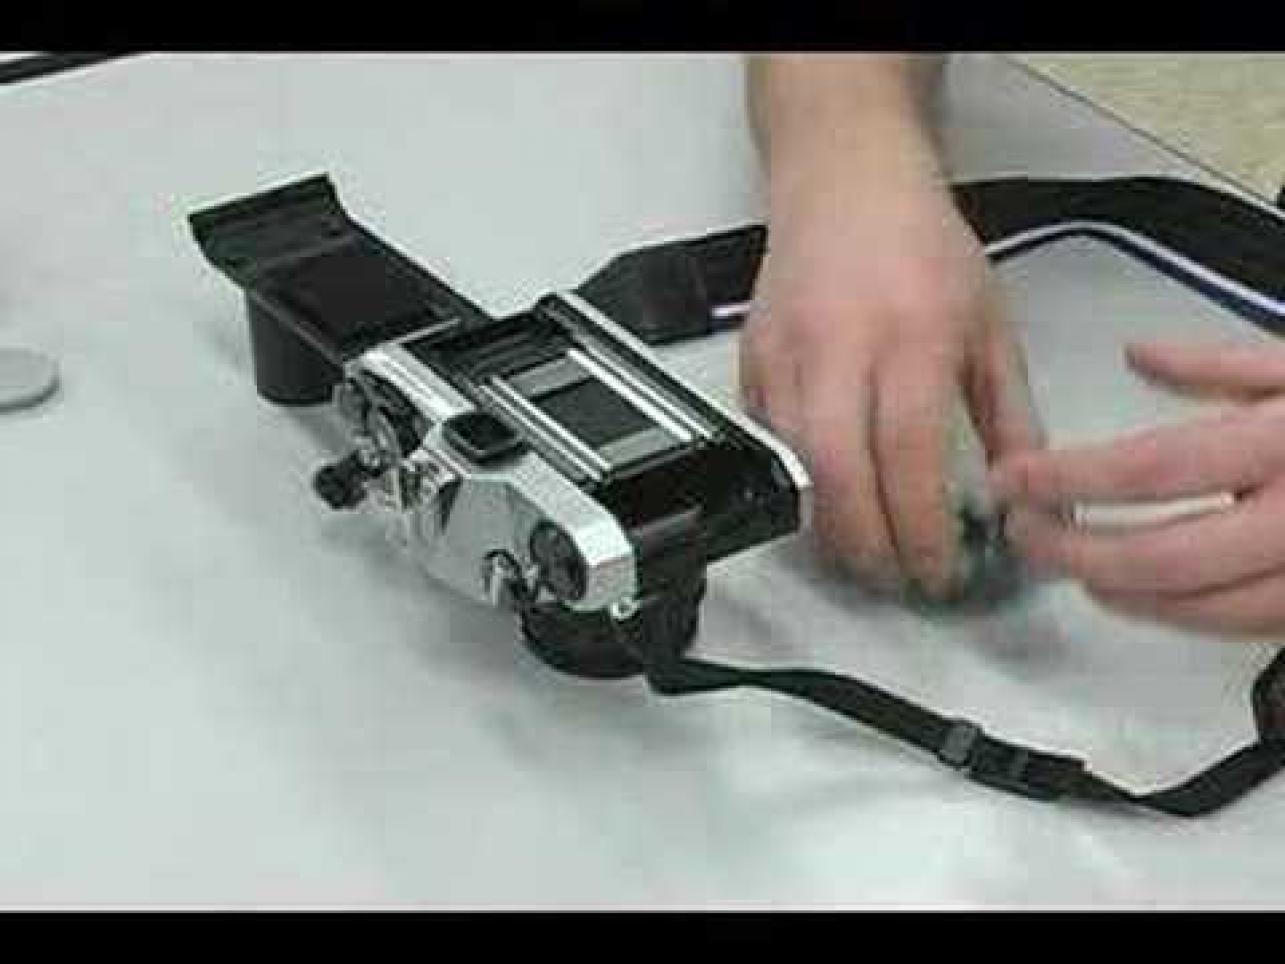 Loading Film in SLR cameras